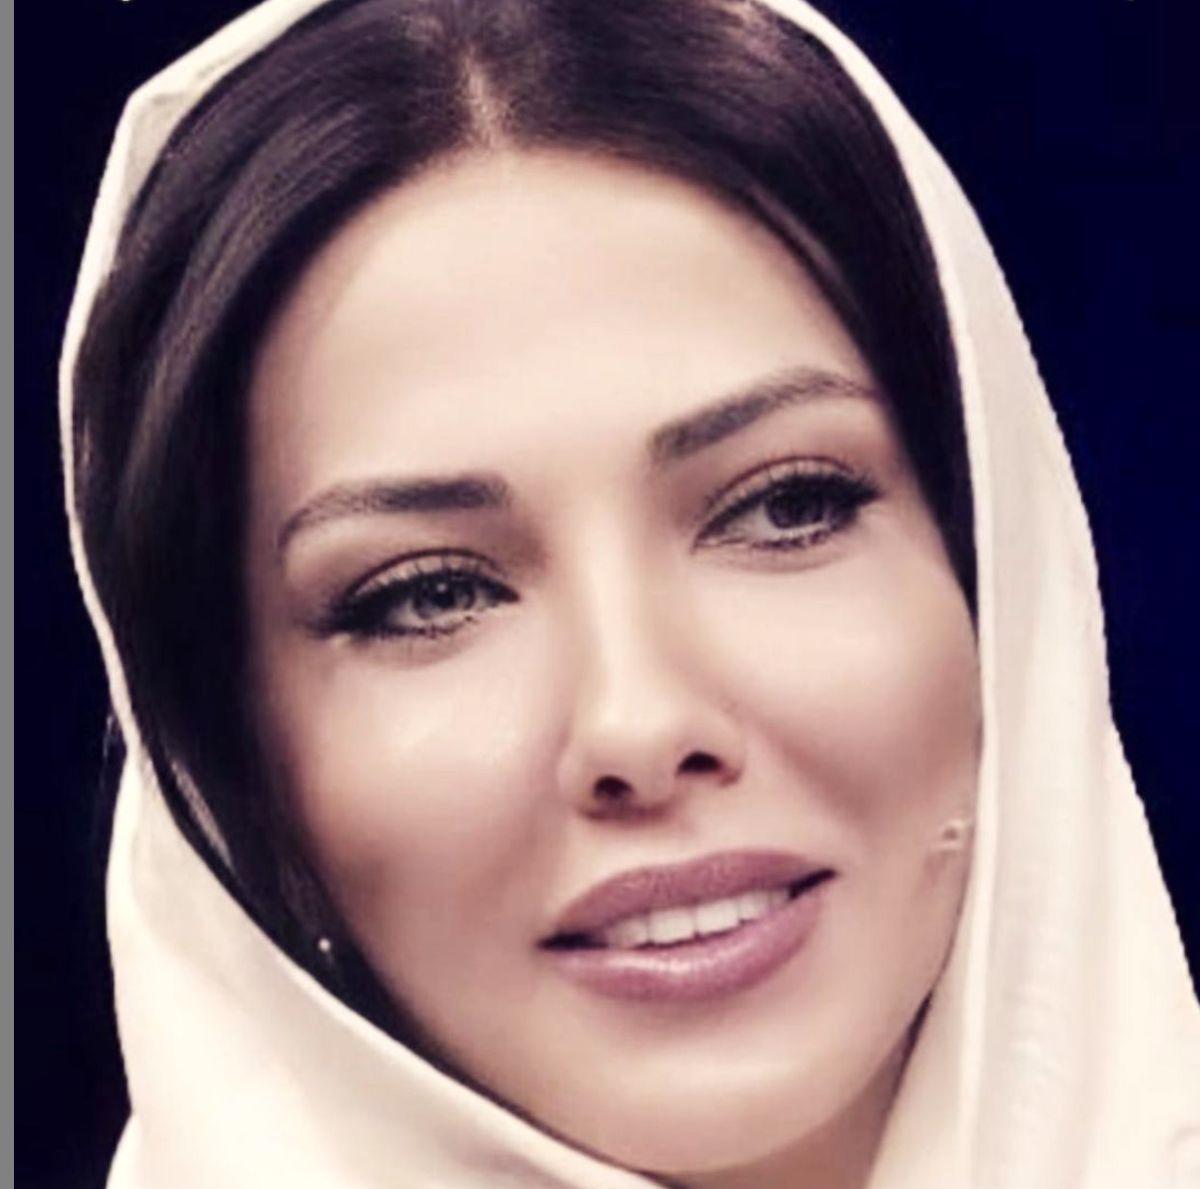 واکنش تلخ و تند لیلا اوتادی پس از درگذشت آزاده نامداری